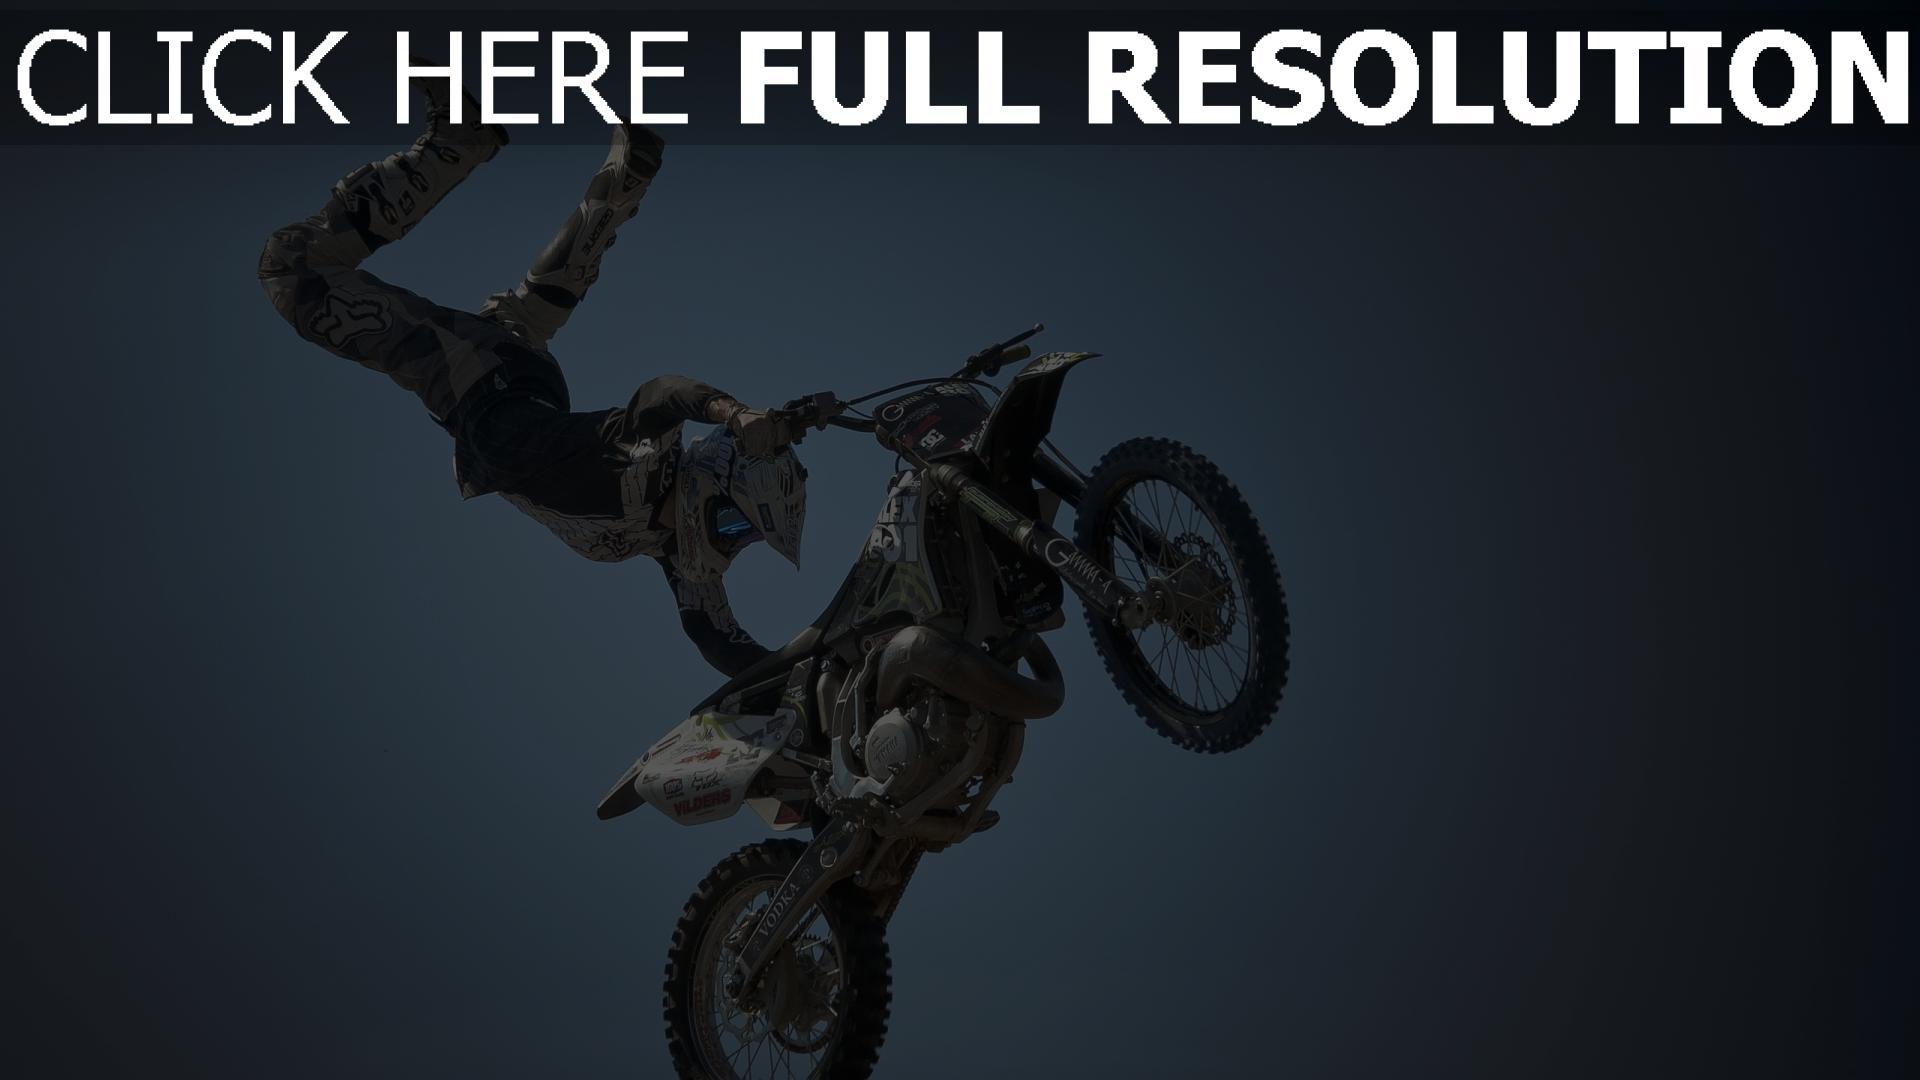 HD Hintergrundbilder stunt motorrad motorradfahrer sport ...